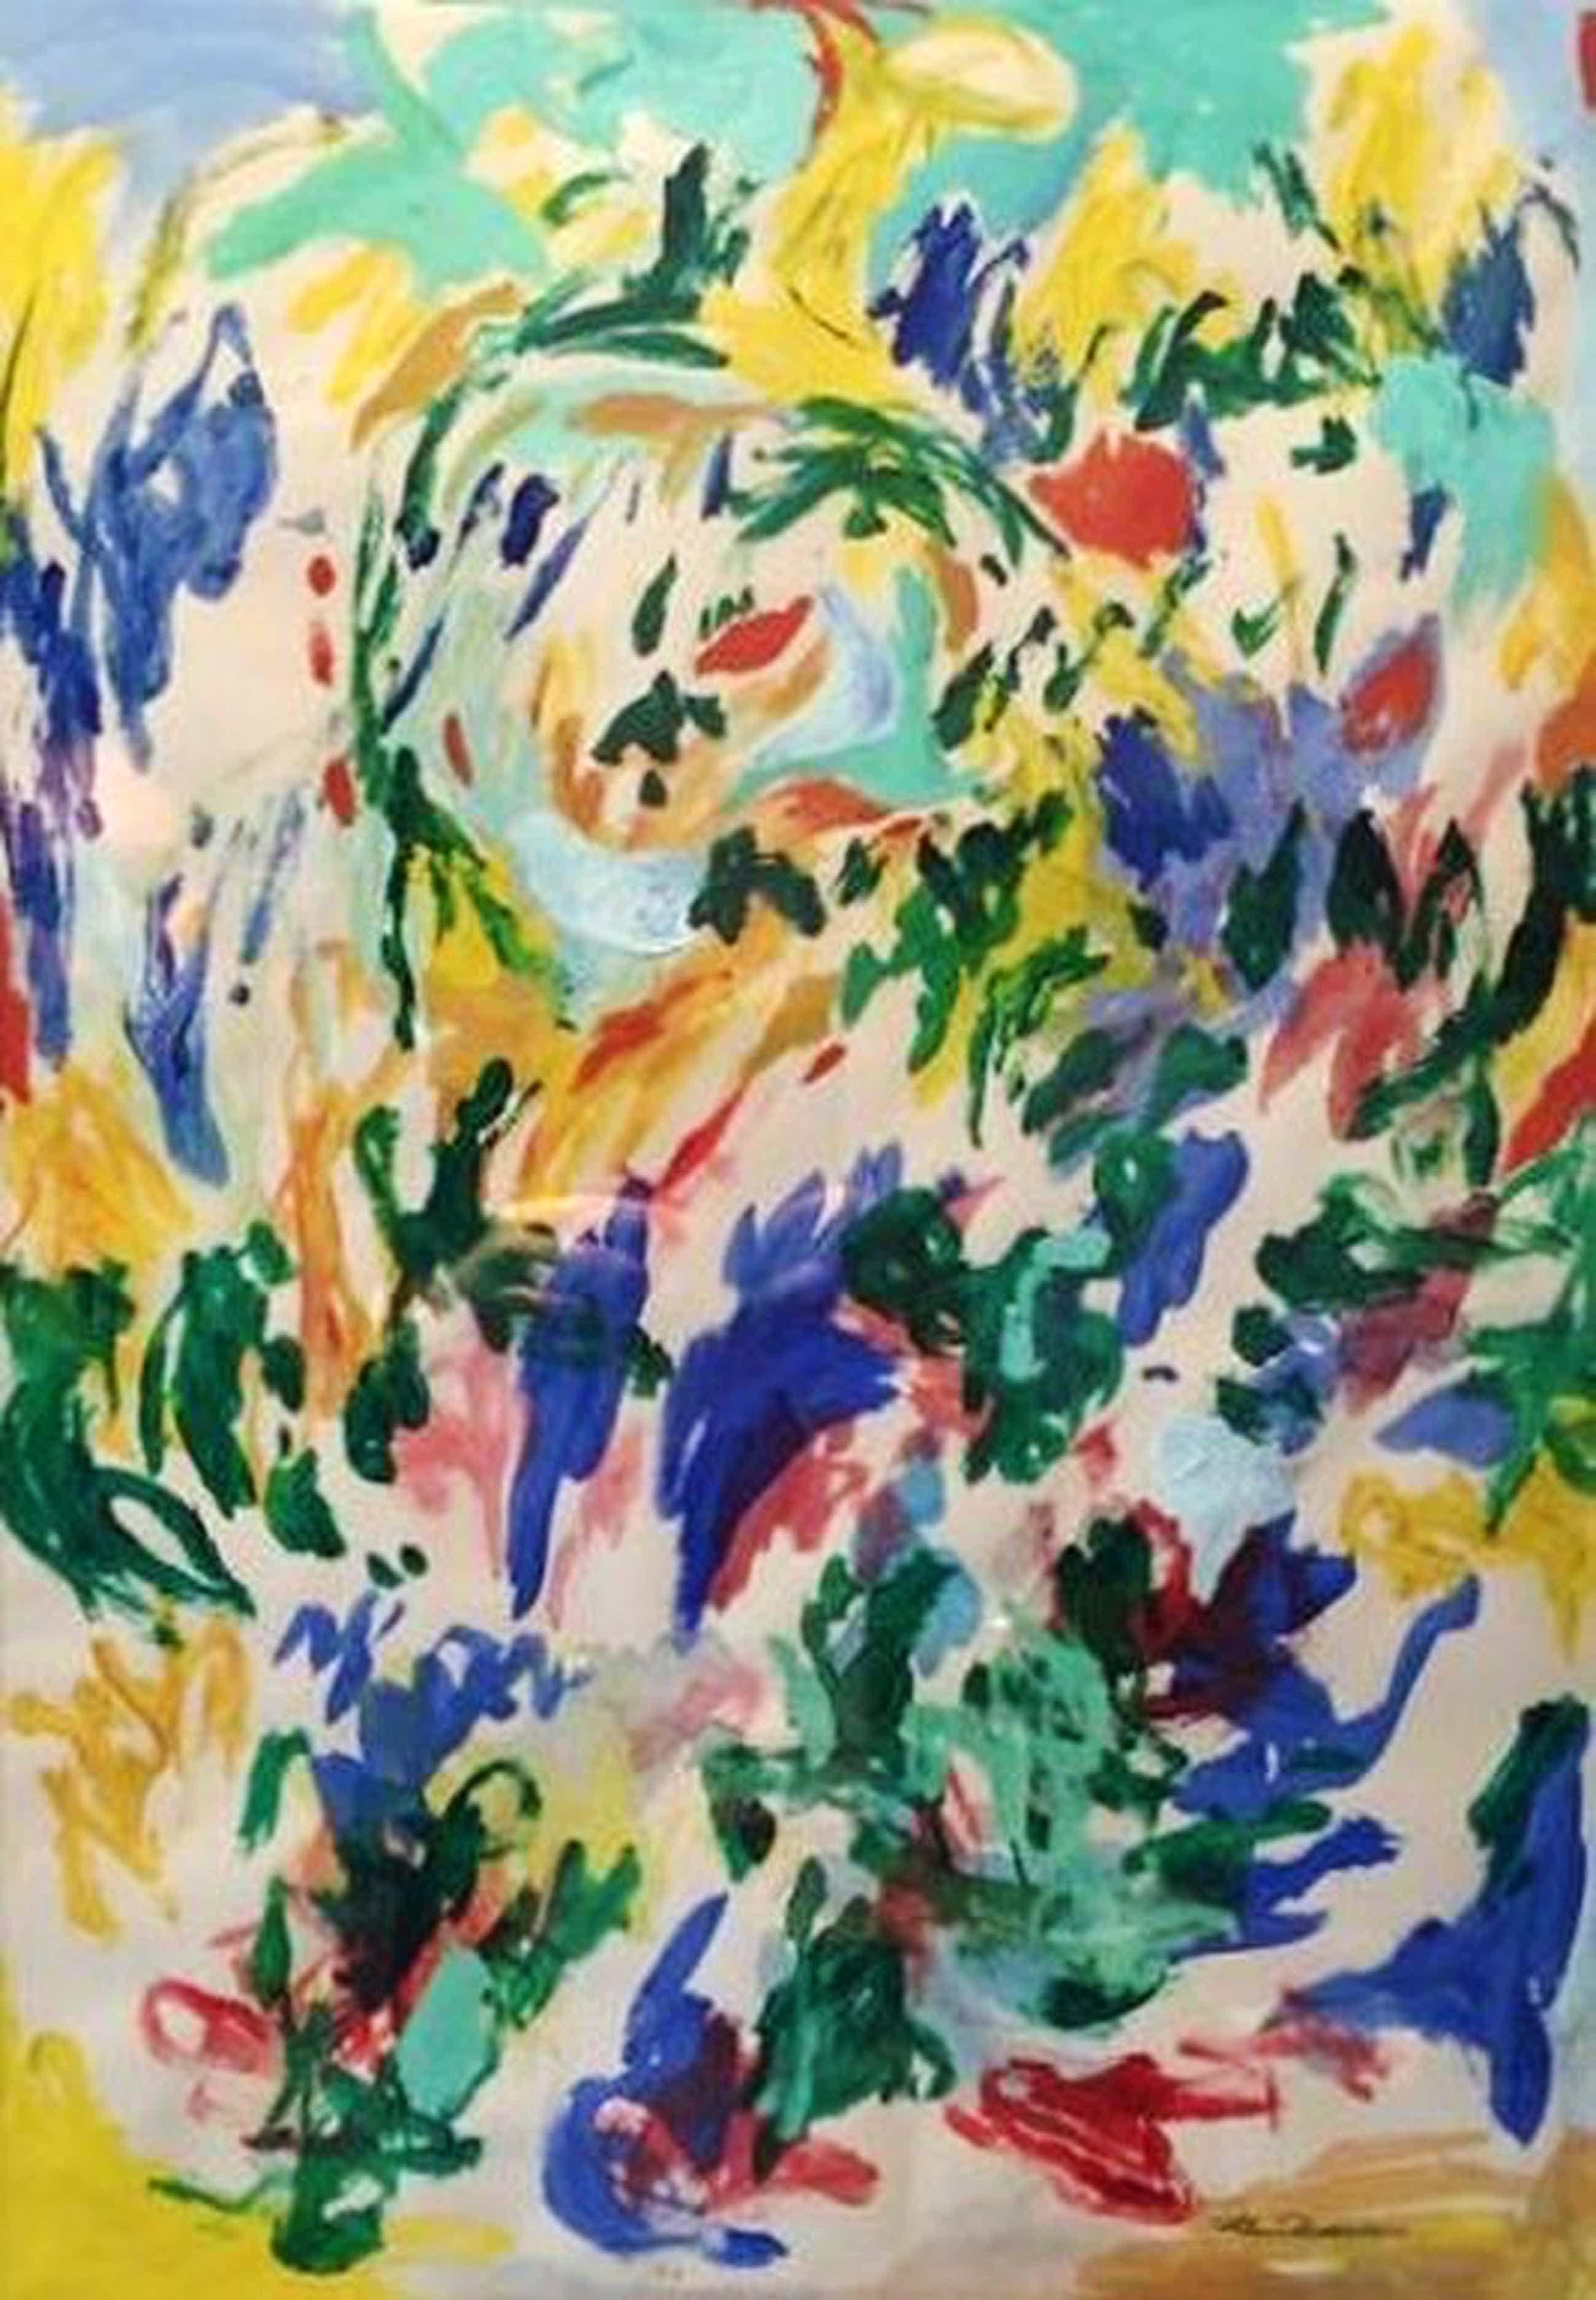 Finn Pedersen groot schilderij op papier, gesigneerd kopen? Bied vanaf 250!